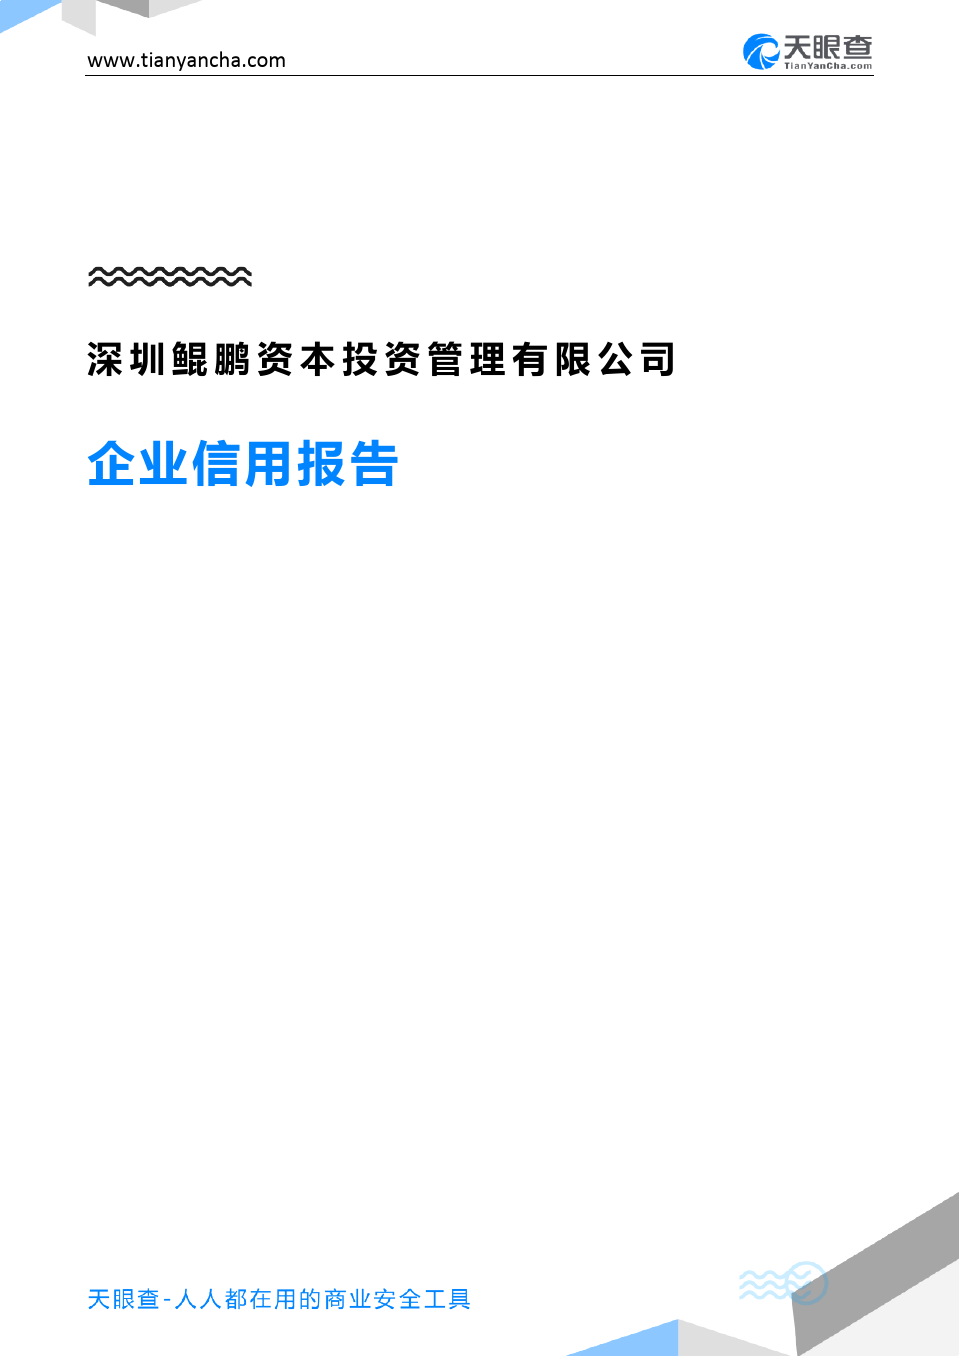 深圳鲲鹏资本投资管理有限公司(企业信用报告)- 天眼查